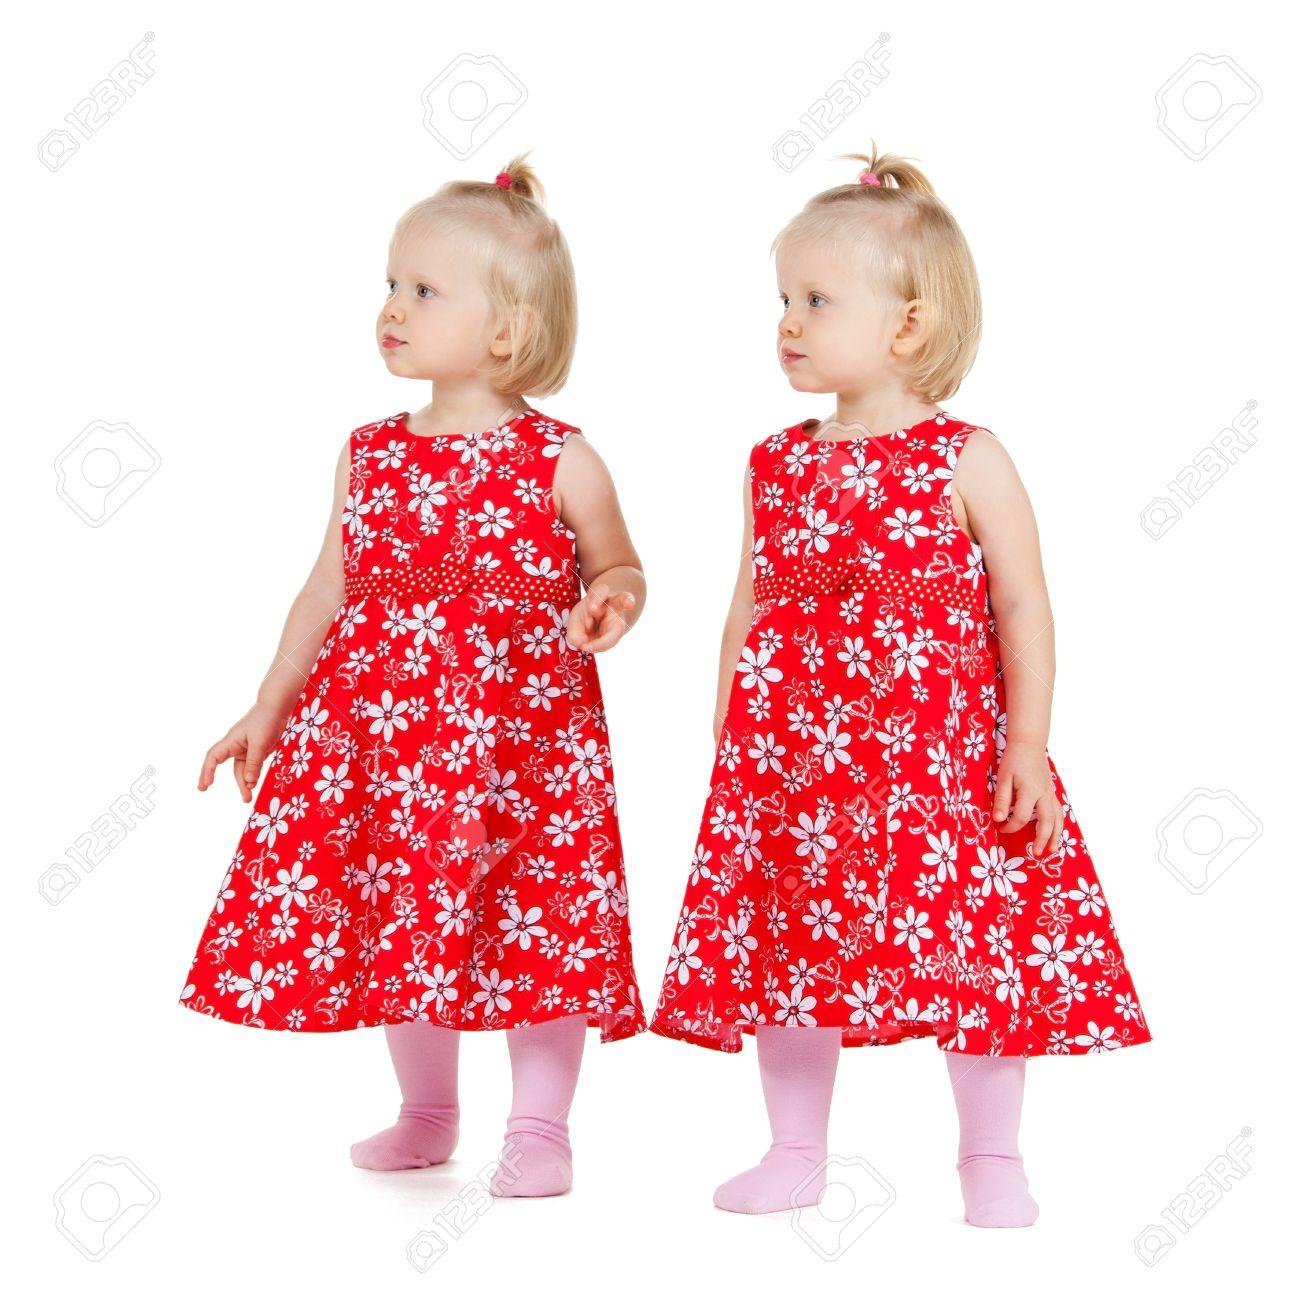 Los Niños Y Los Gemelos Concepto Dos Niñas Gemelas Idénticas En Vestidos Rojos Buscando Algún Lugar